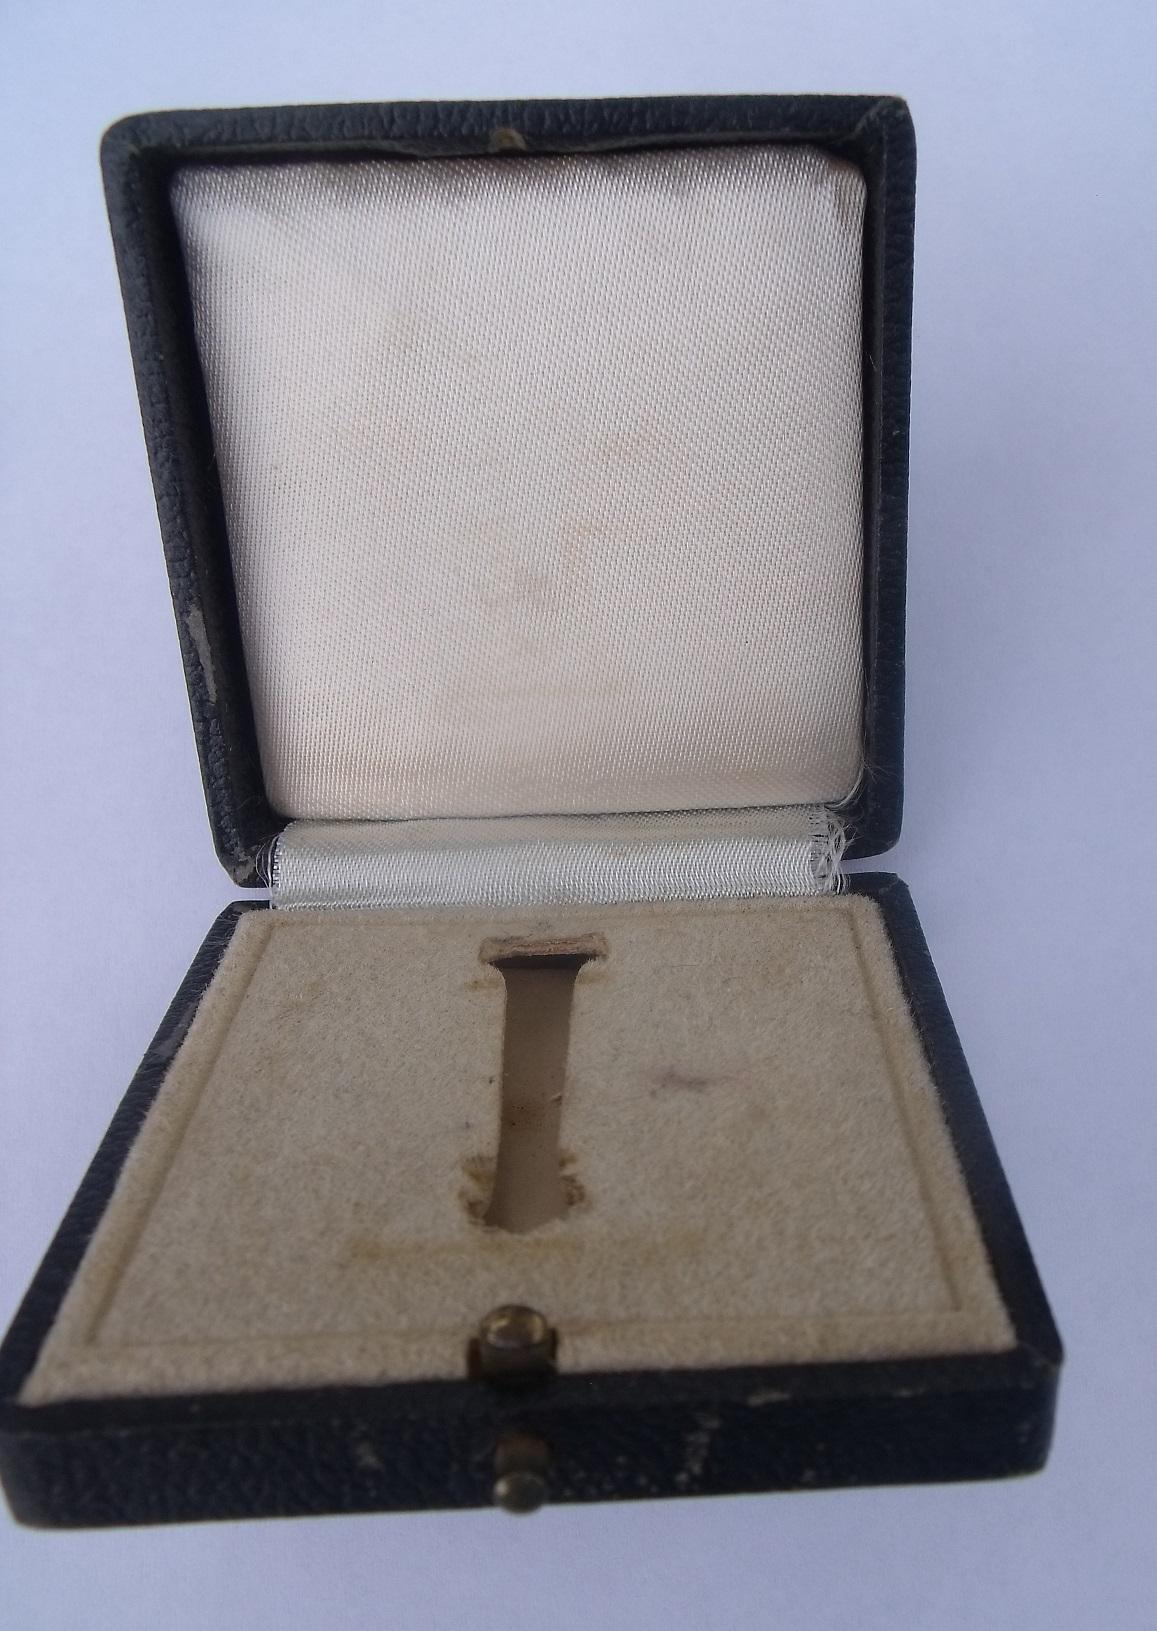 Ecrins pour Croix de Fer de 1ère Classe (EK1) 1914, 1939 et 1957 29qcvhu